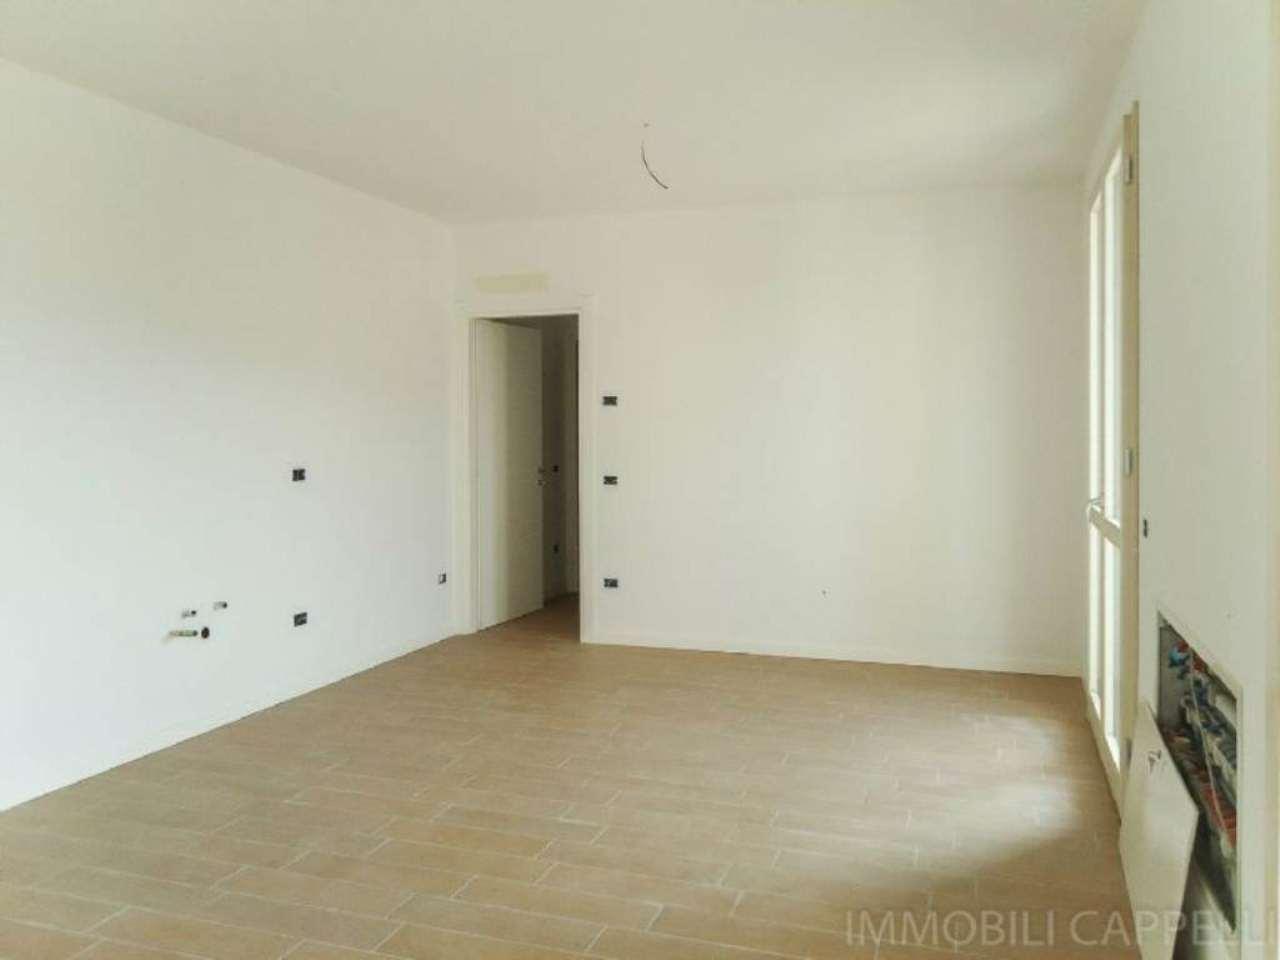 Appartamento in vendita a Cesena, 2 locali, prezzo € 155.000 | CambioCasa.it